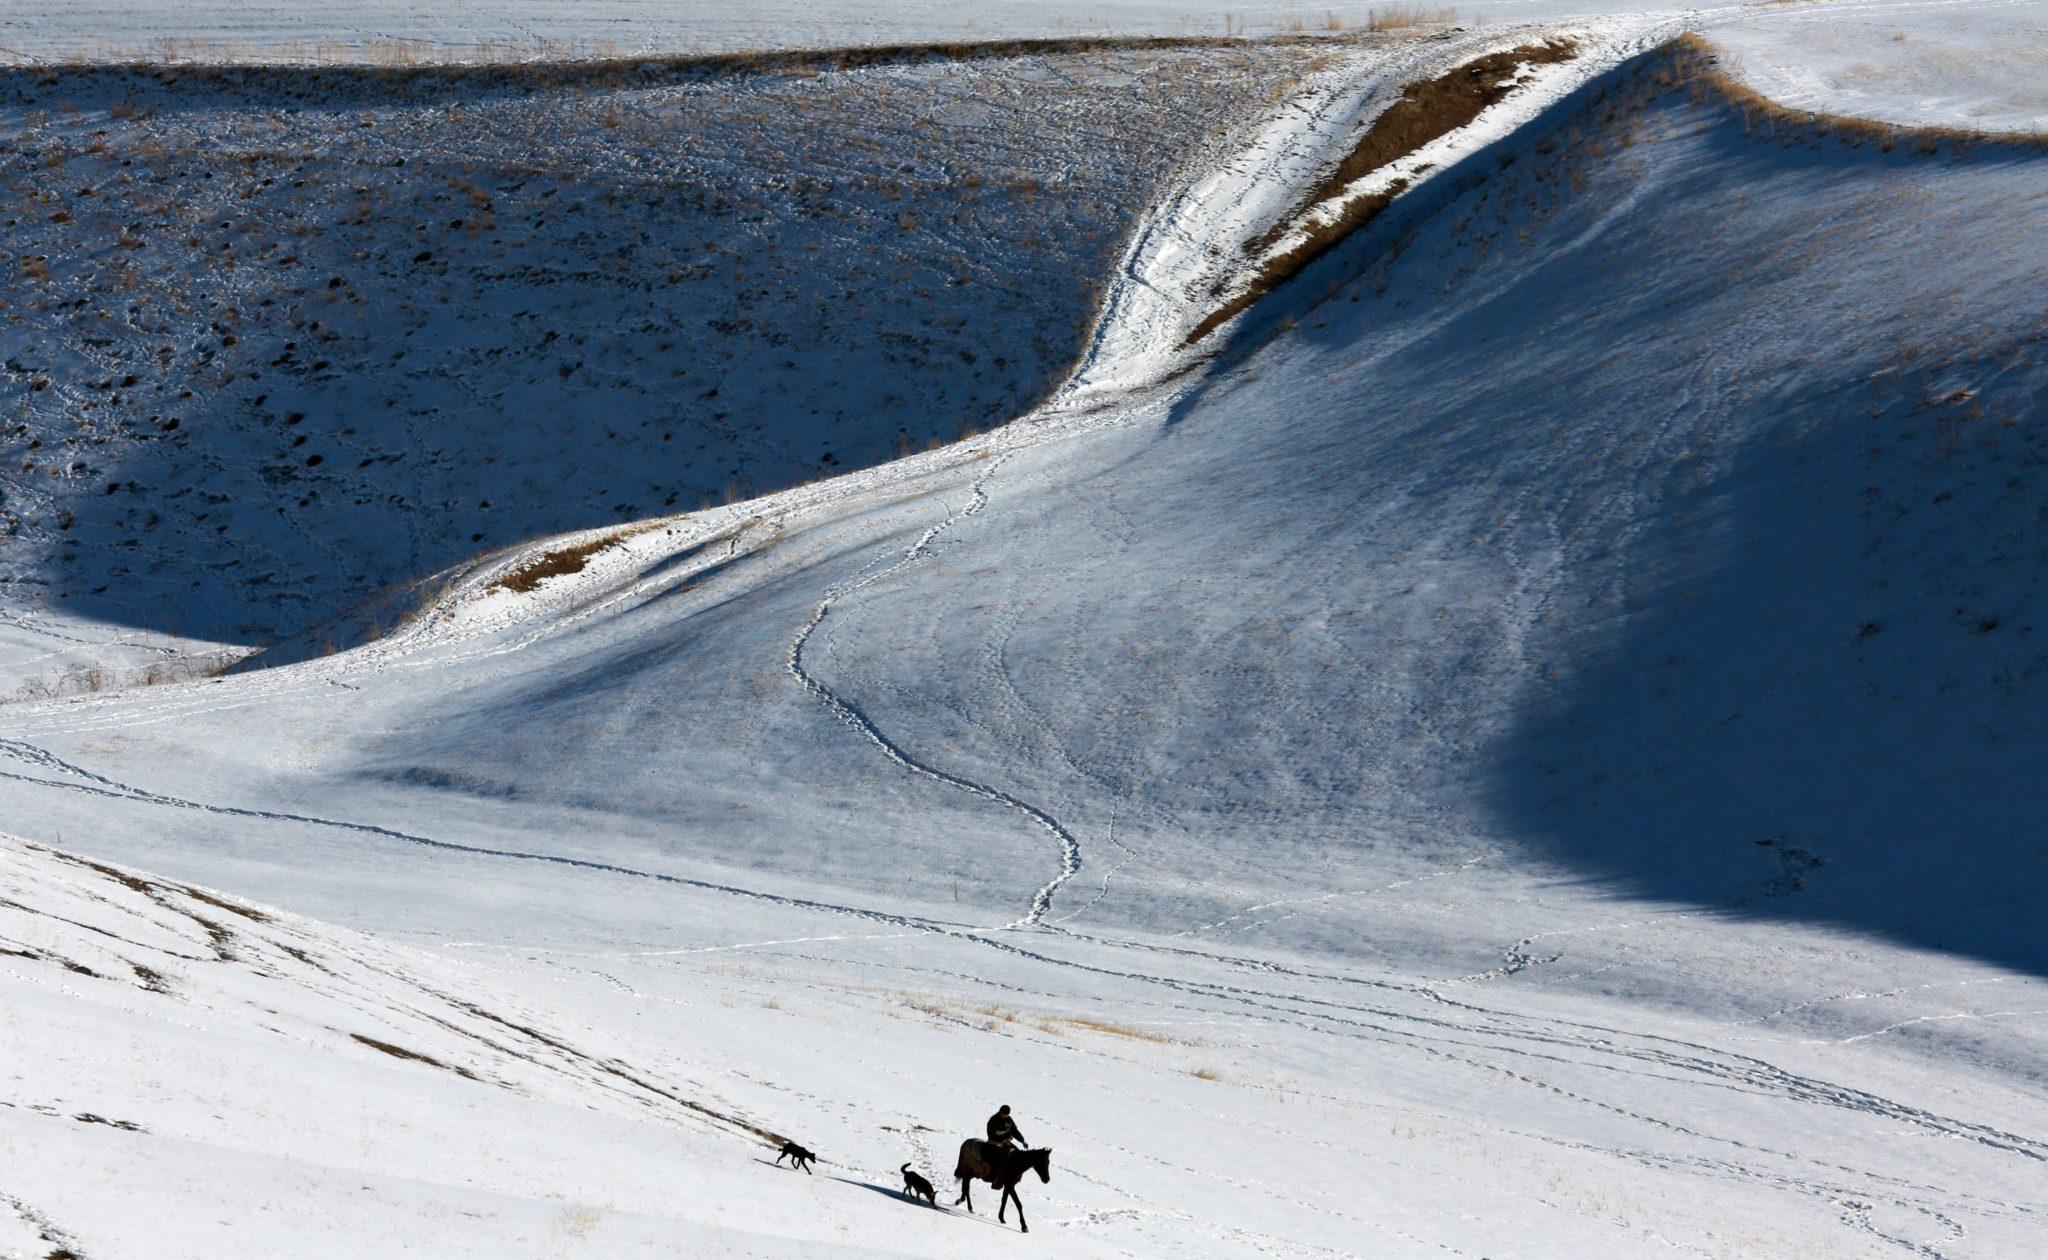 Zima w Kirgistanie, fot. Igor Kovalenko, PAP/EPA